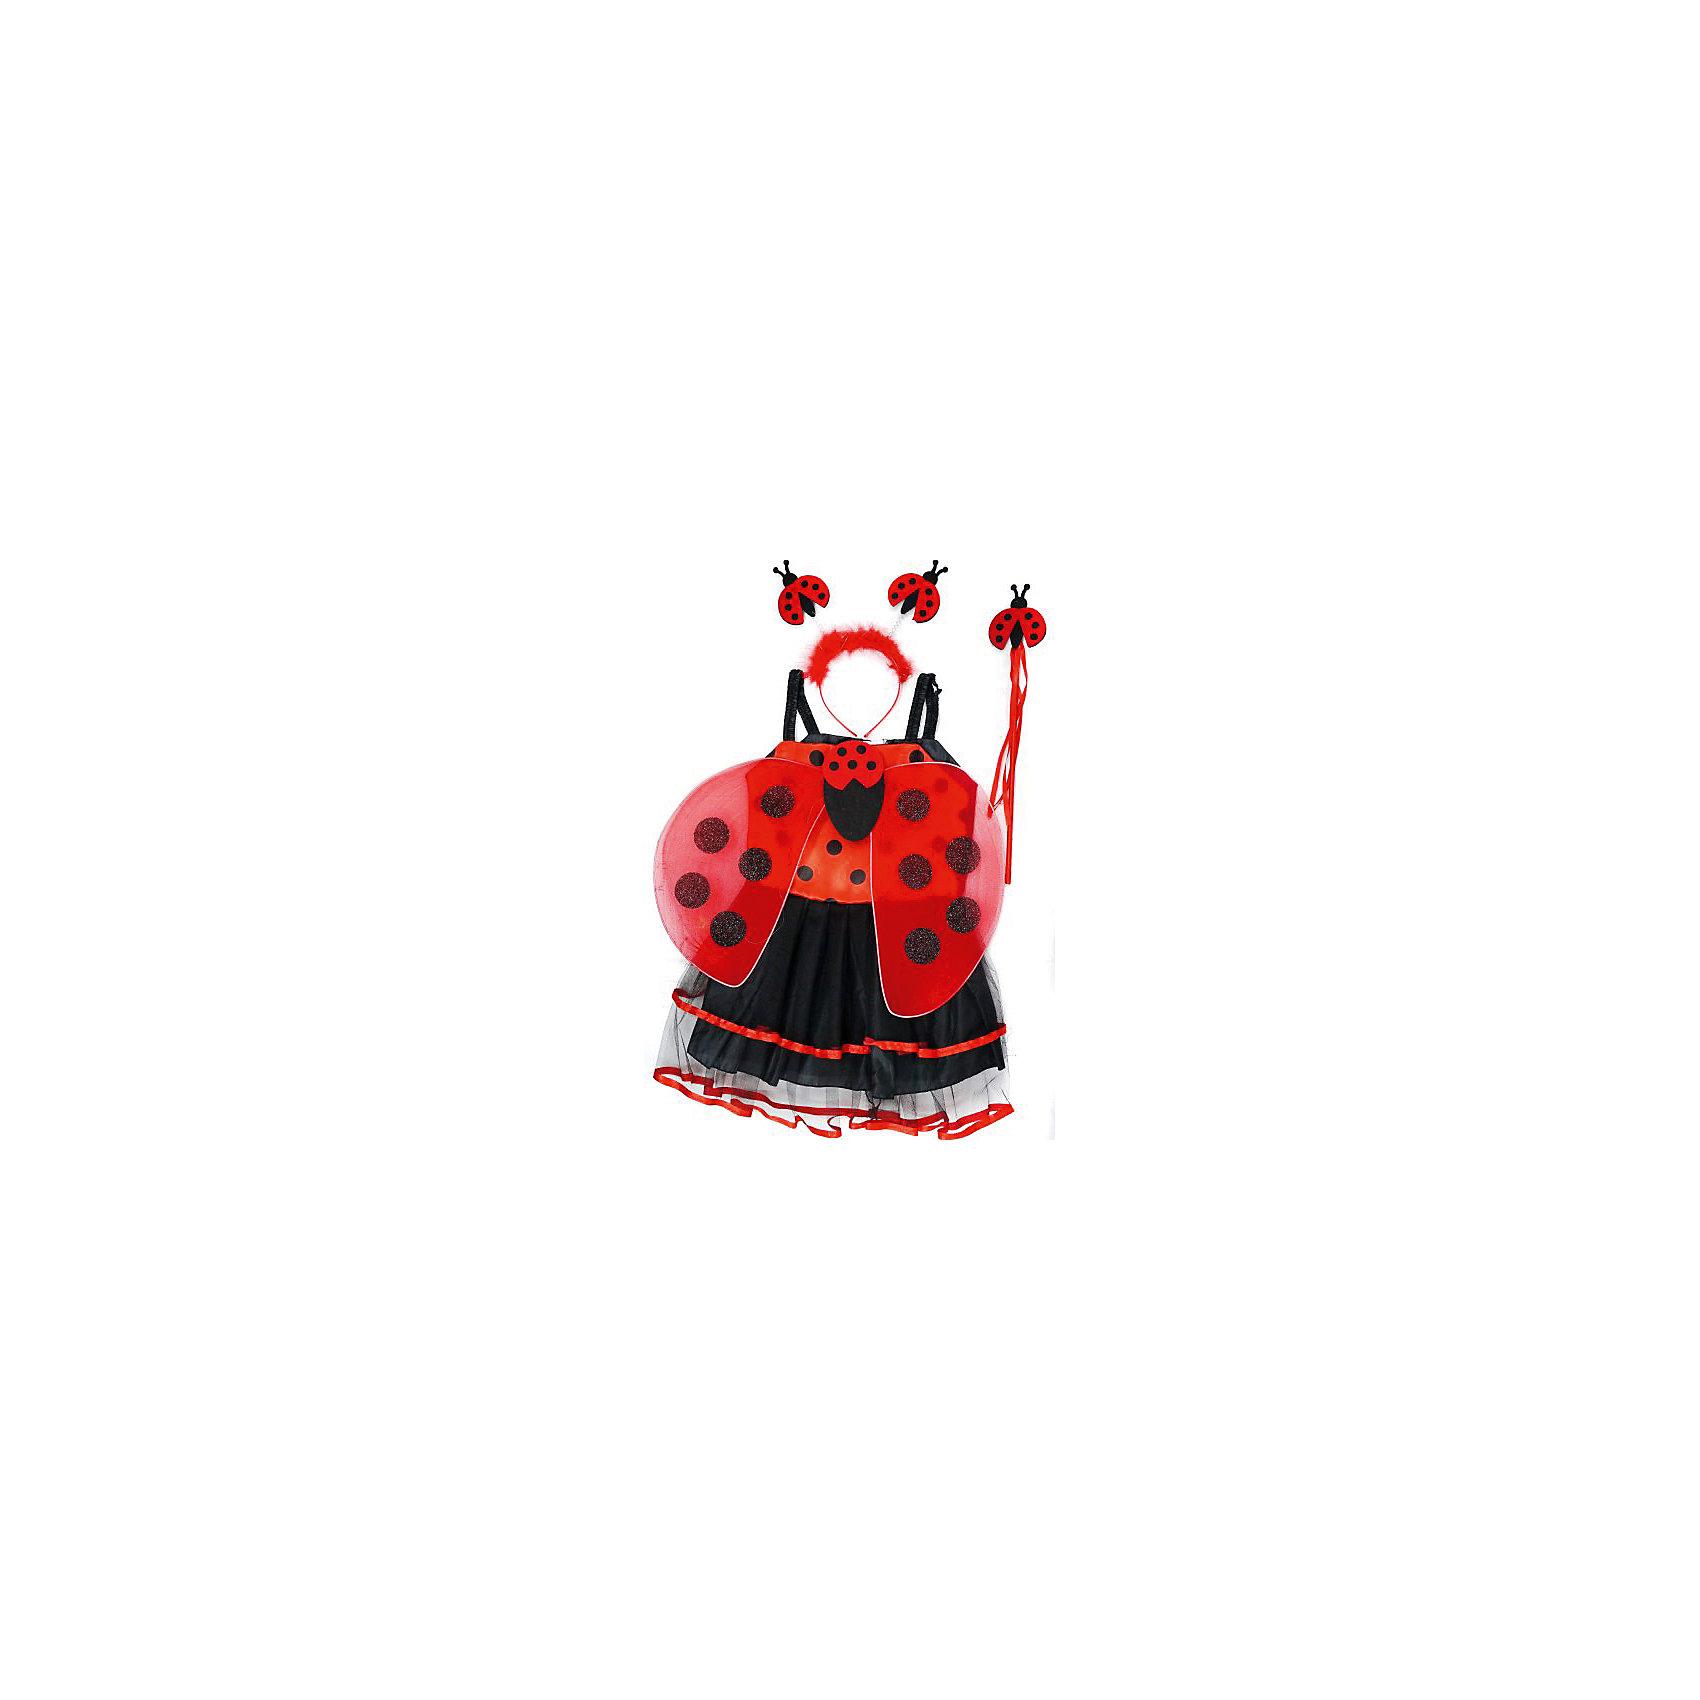 Костюм Божья коровка, 55 см, Новогодняя сказкаХарактеристики товара:<br><br>• цвет: красный/черный<br>• комплектация: платье, крылья, ободок, палочка<br>• материал: текстиль, пластик<br>• для праздников и постановок<br>• упаковка: пакет<br>• длина платья: 55 см<br>• возраст: от 3 лет<br>• страна бренда: Российская Федерация<br>• страна изготовитель: Российская Федерация<br><br>Новогодние праздники - отличная возможность перевоплотиться в кого угодно, надев маскарадный костюм. Этот набор позволит ребенку мгновенно превратиться в Божью коровку!<br>Он состоит из нескольких предметов, которые подойдут дошкольникам. Изделия удобно сидят и позволяют ребенку наслаждаться праздником или принимать участие в постановке. Модель хорошо проработана, сшита из качественных и проверенных материалов, которые безопасны для детей.<br><br>Костюм Божья коровка, 55 см, от бренда Новогодняя сказка можно купить в нашем интернет-магазине.<br><br>Ширина мм: 550<br>Глубина мм: 30<br>Высота мм: 350<br>Вес г: 197<br>Возраст от месяцев: 36<br>Возраст до месяцев: 96<br>Пол: Женский<br>Возраст: Детский<br>SKU: 5177220